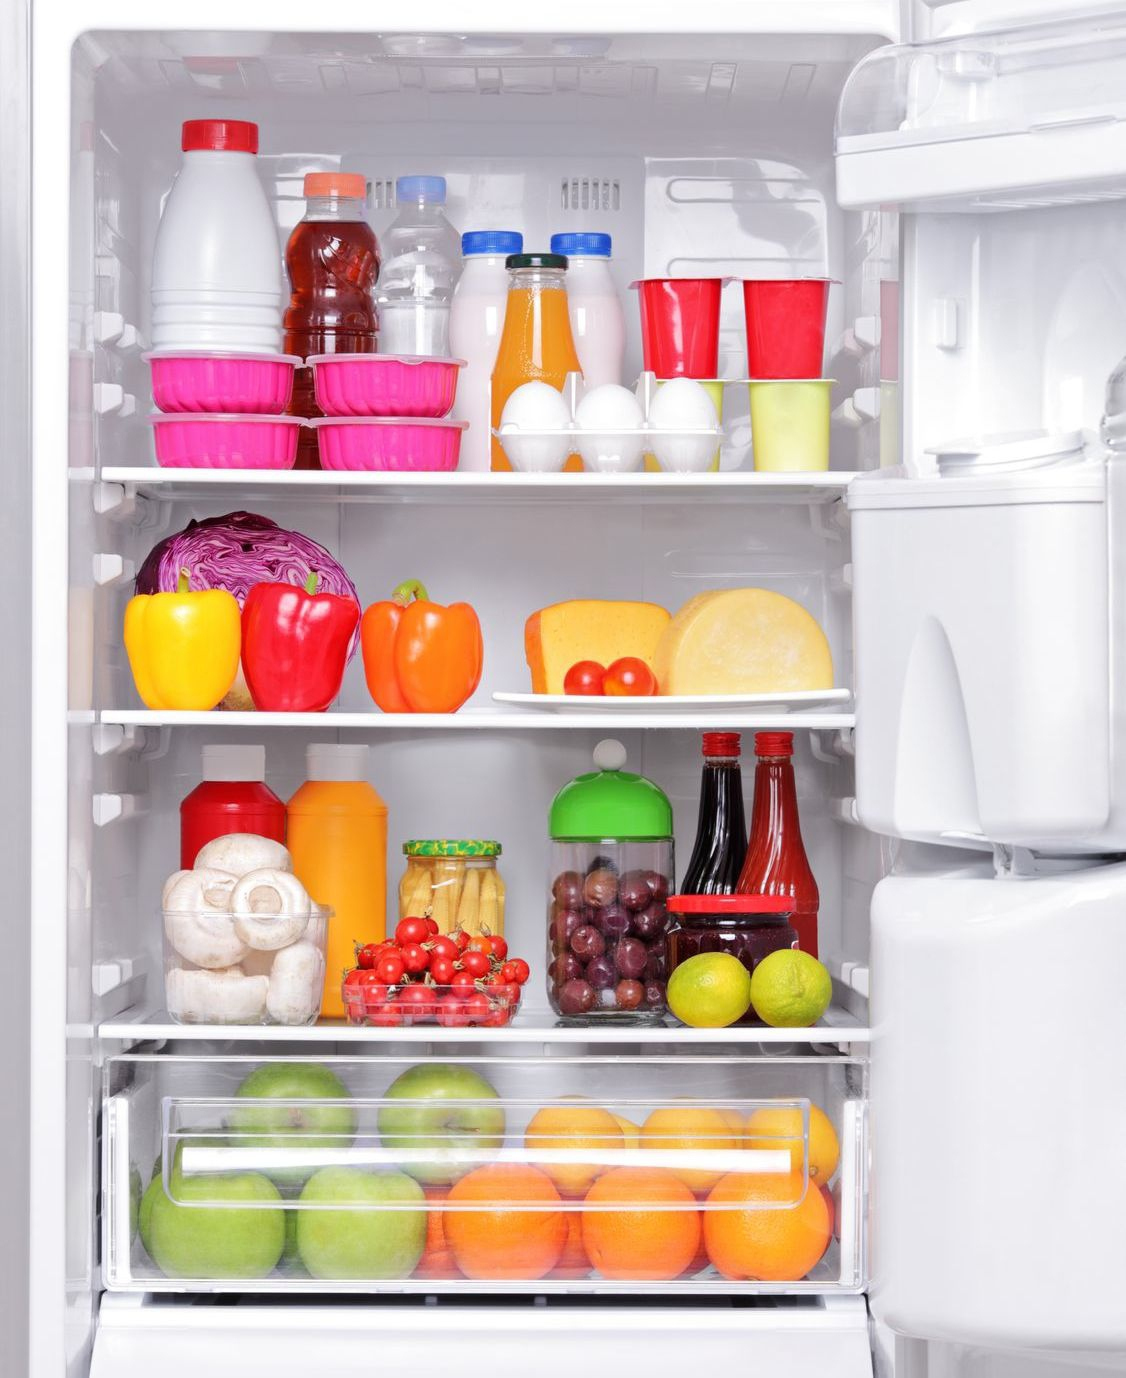 Trucje: zo ruikt je koelkast altijd fris